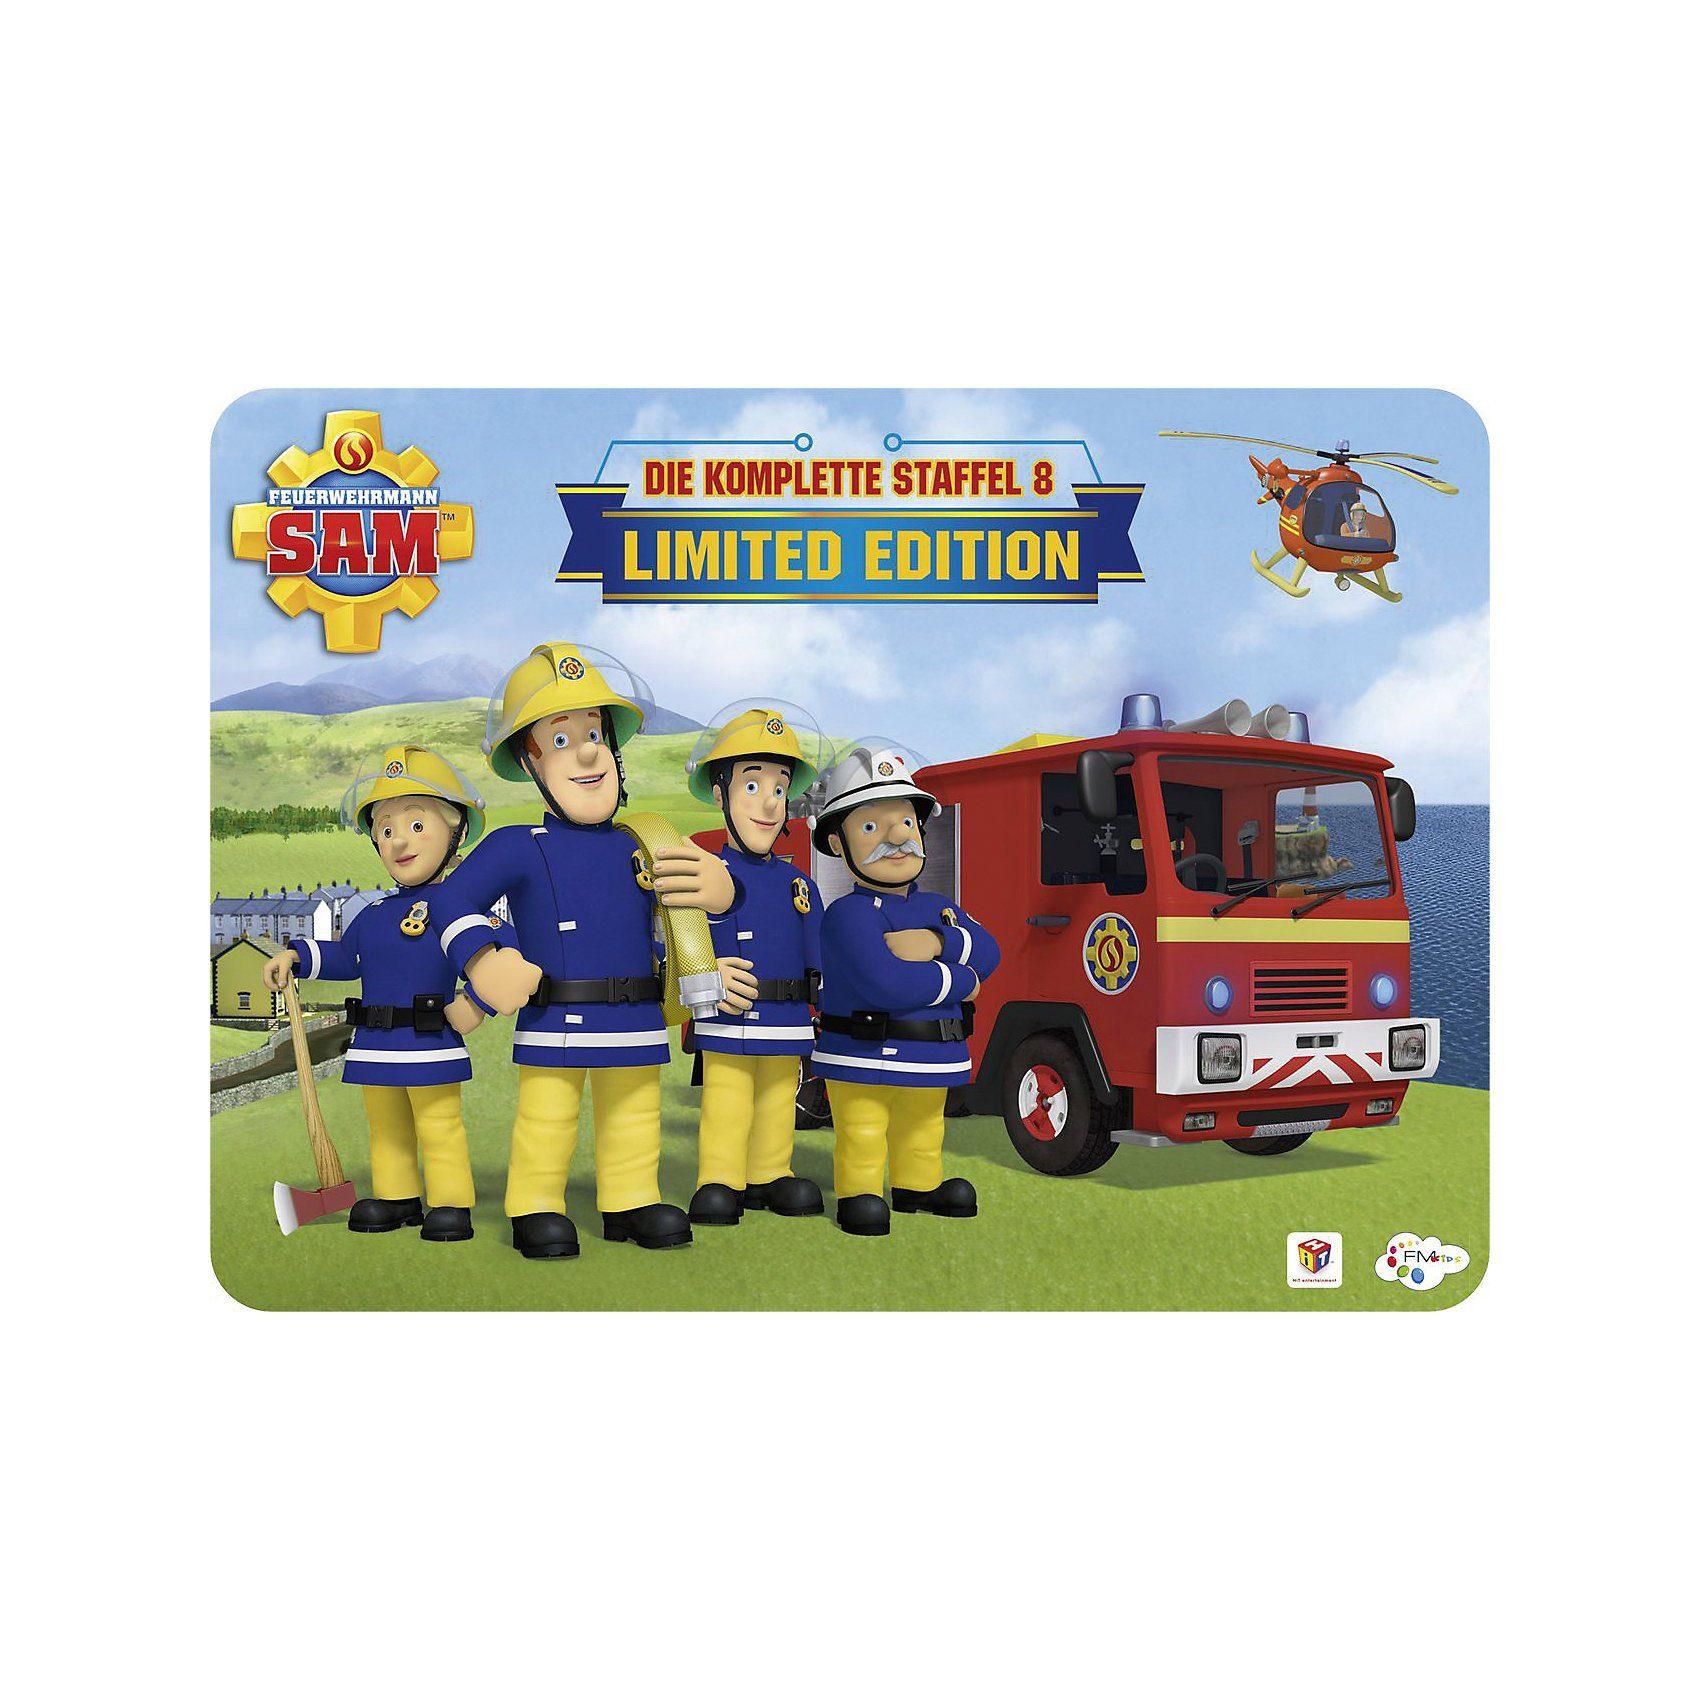 DVD Feuerwehrmann Sam - komplette Staffel 8 (limited)